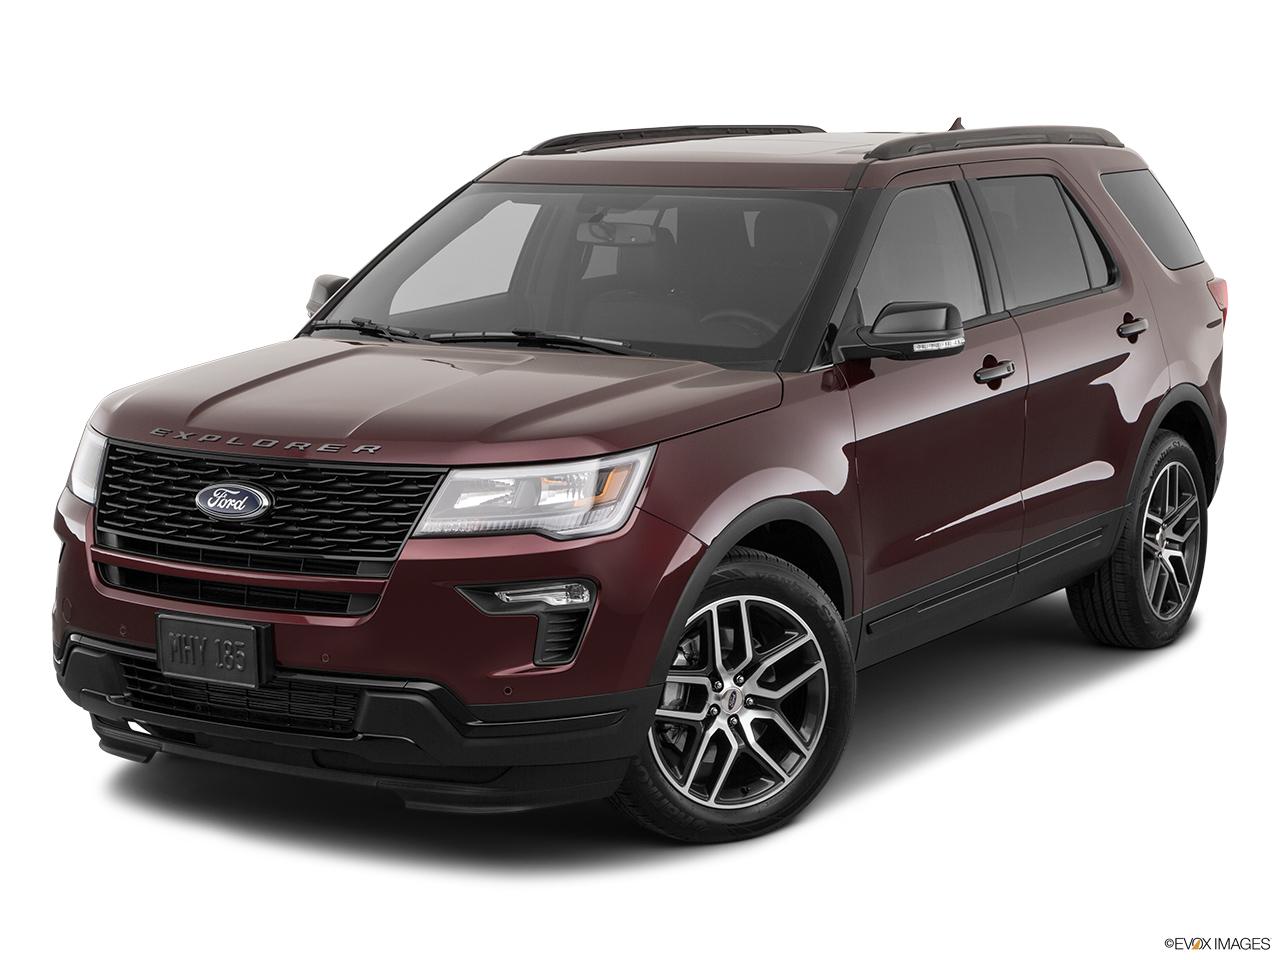 Ford Explorer 2019 3.5L V6 Sport EcoBoost in Oman: New Car ...